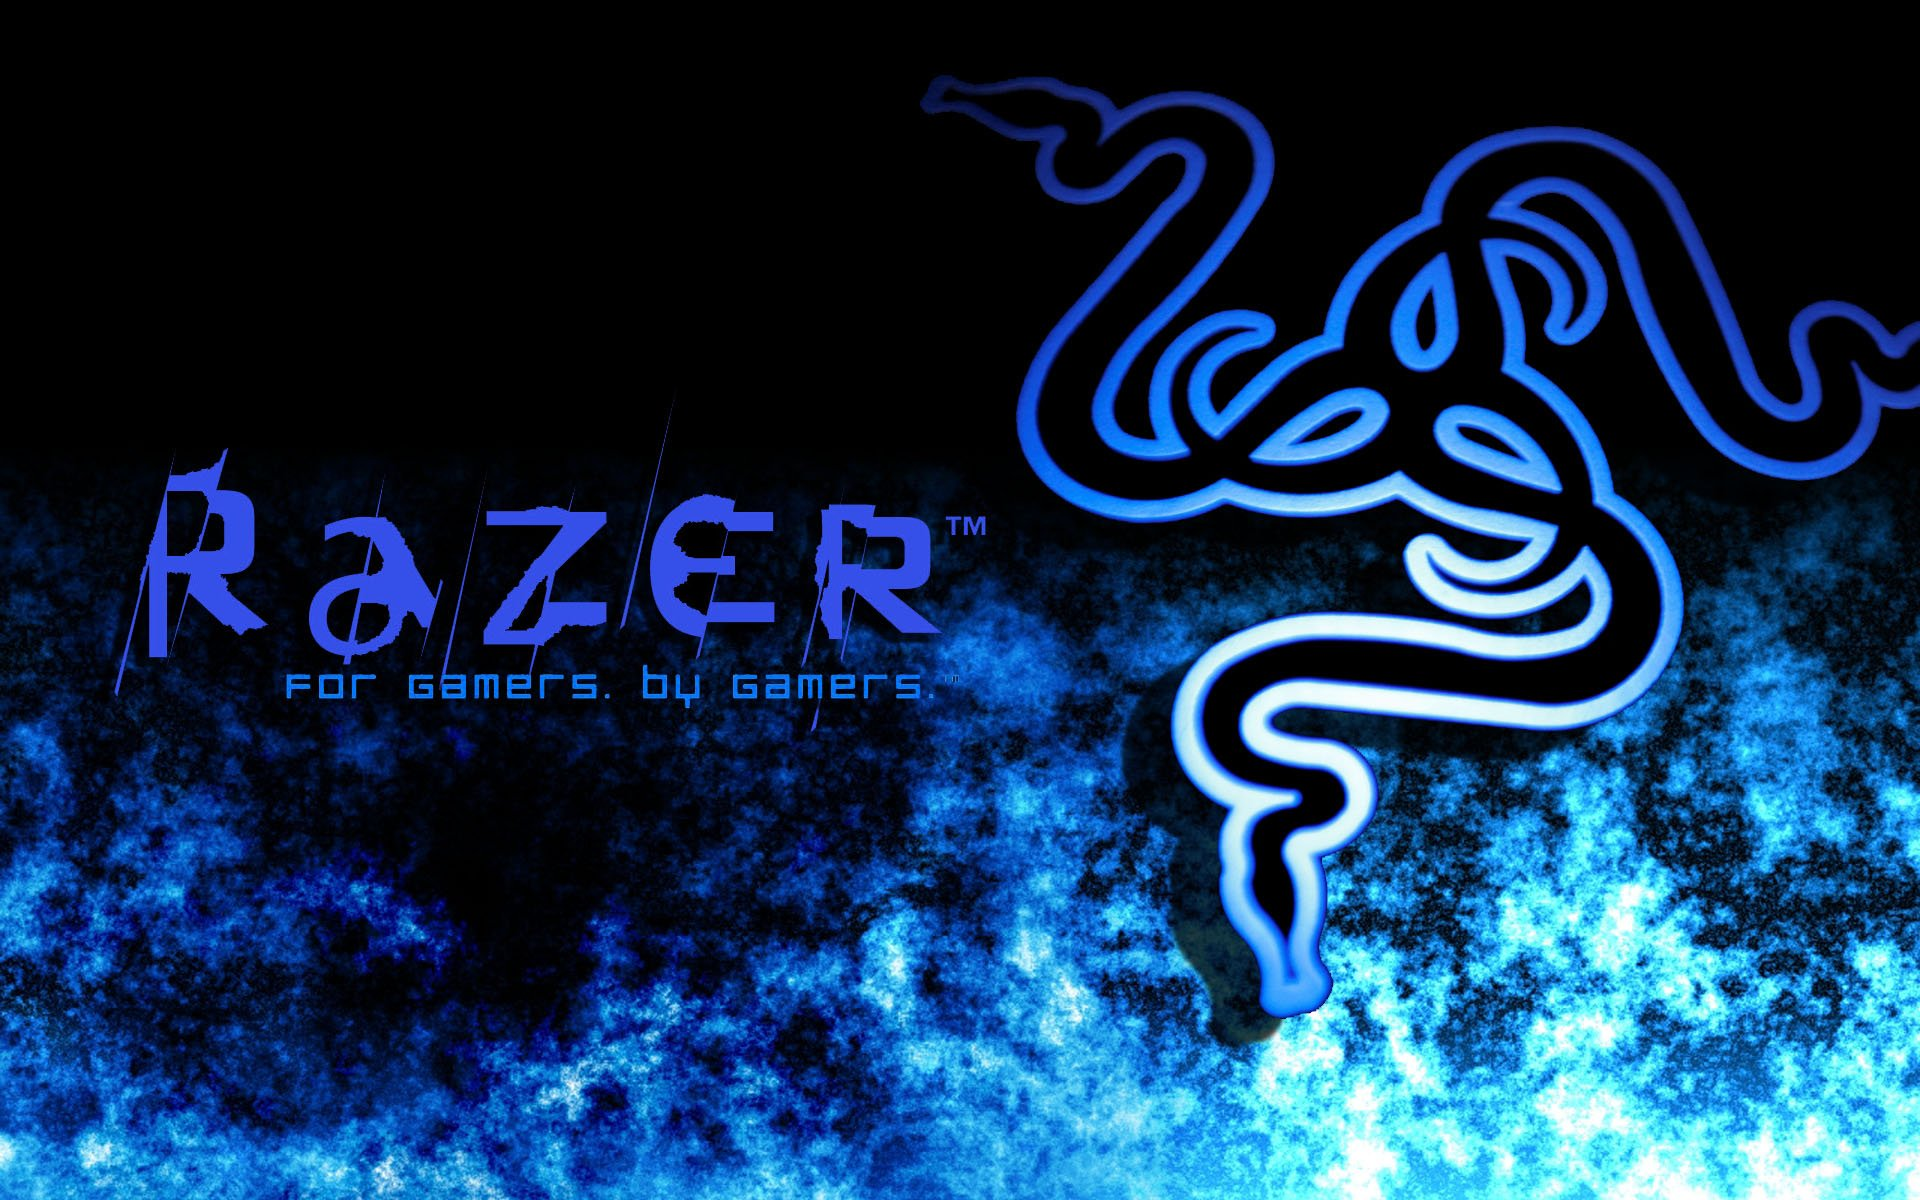 Razer gaming computer game wallpaper background html code - Blue Gaming Wallpaper Wallpapersafari